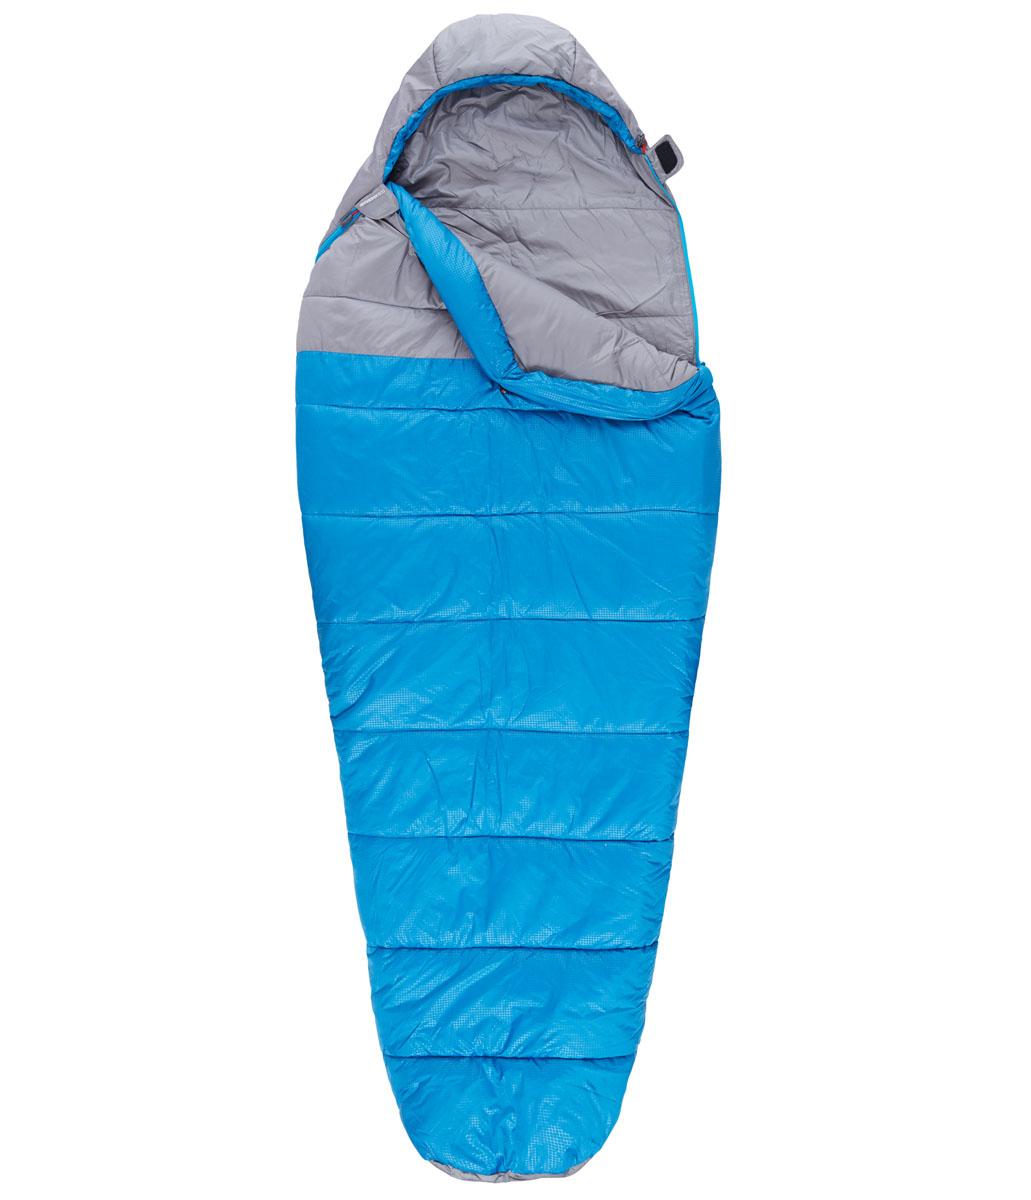 Спальный мешок The North Face Aleutian 20/-7, цвет: синий. T0A3A0M8RLH LNGT0A3A0M8RLH LNGCпальный мешок для путешествий, который можно целиком расстегнуть и расстелить в палатке. Вместительный, универсальный, теплый и комфортный.